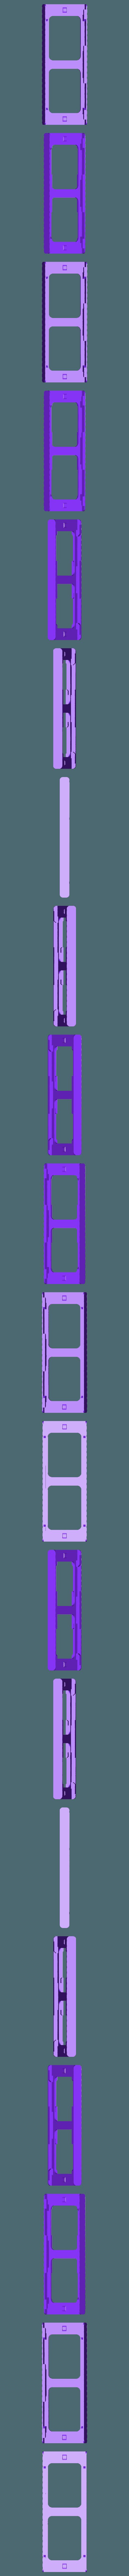 D-LI90_battery_holder_4x_v2-0.STL Télécharger fichier STL gratuit Support de pile D-Li90 • Objet à imprimer en 3D, WalterHsiao